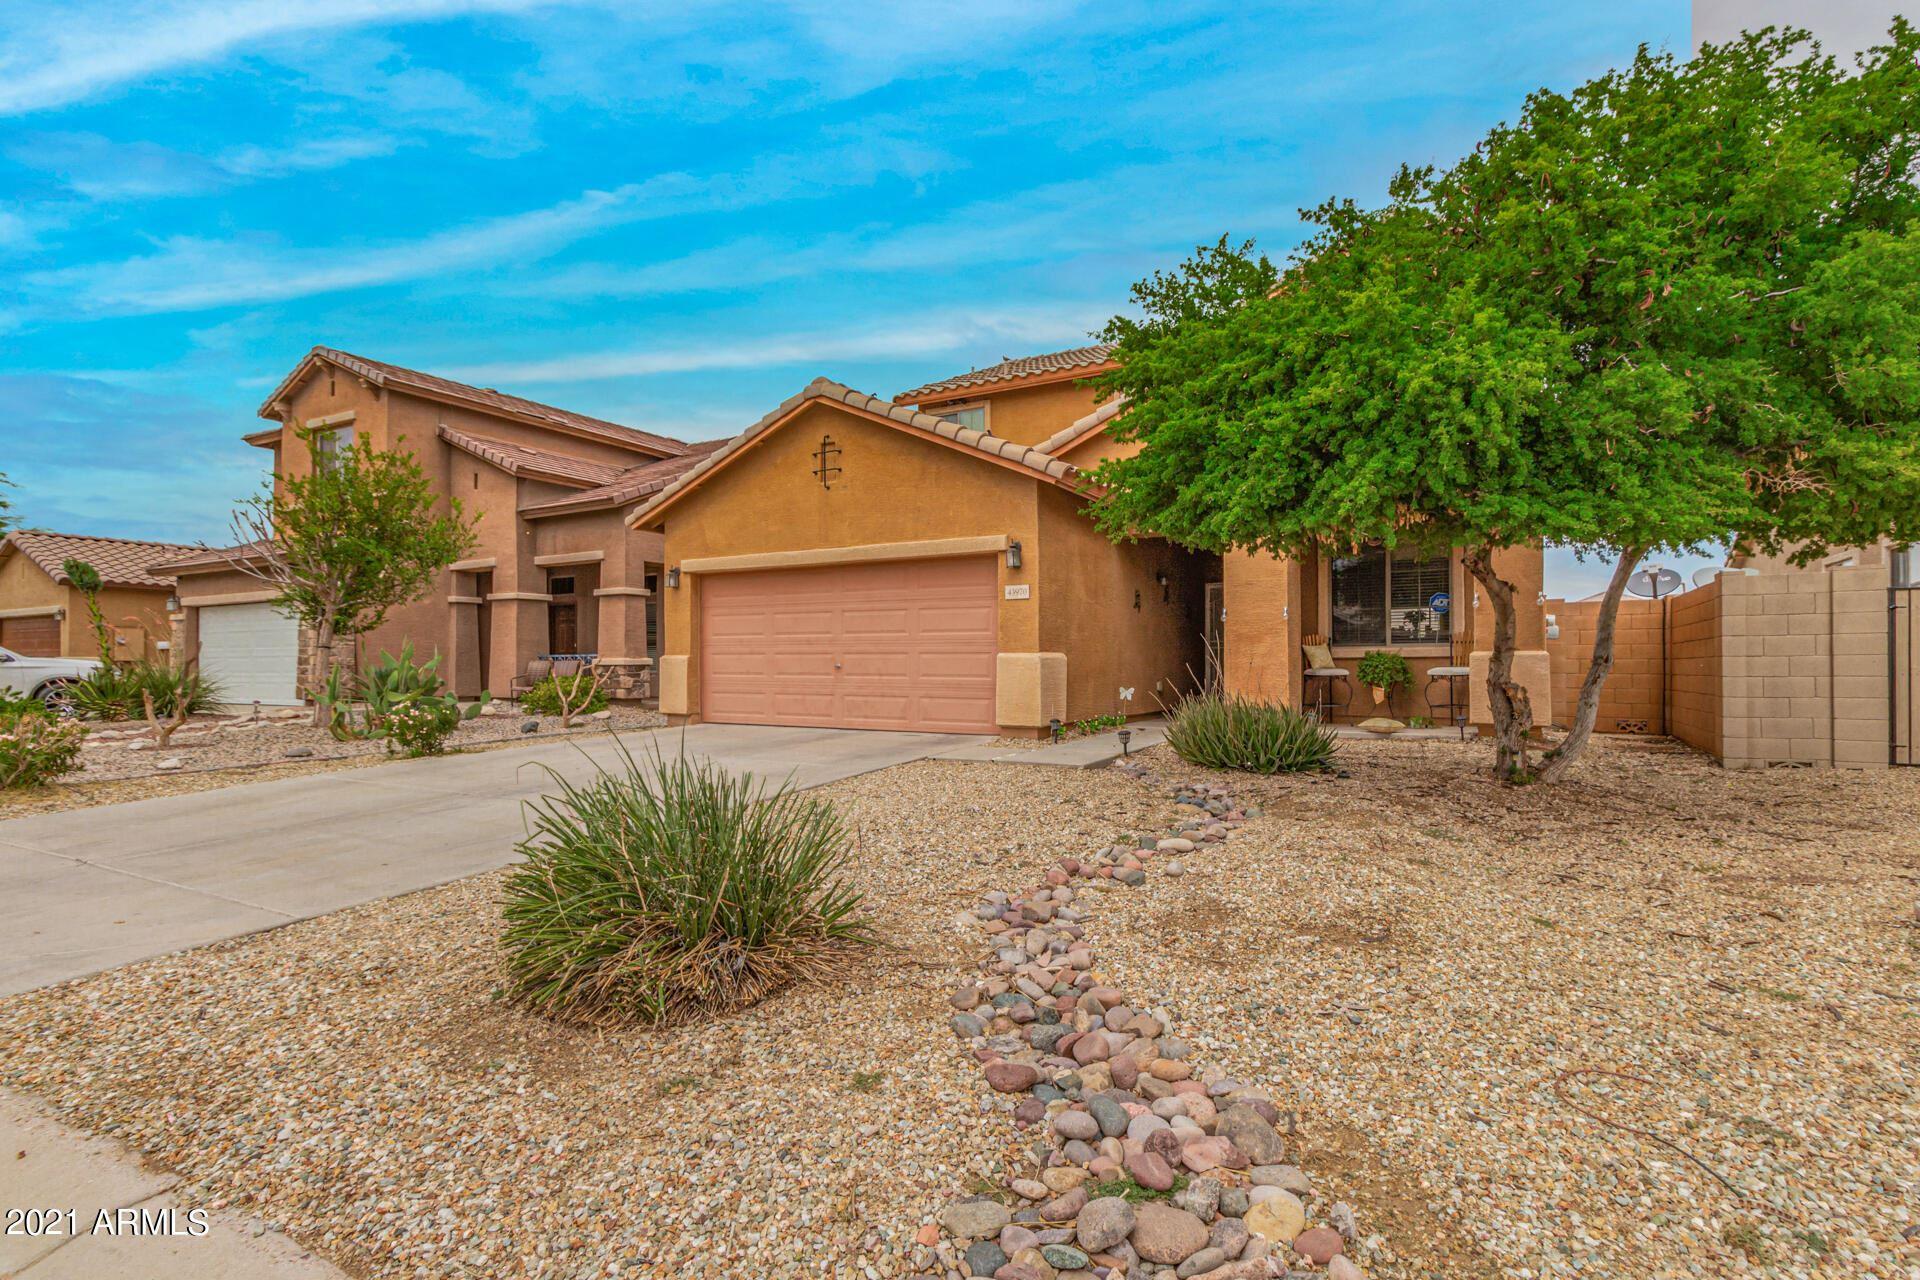 Photo for 43970 W PALO CEDRO Road, Maricopa, AZ 85138 (MLS # 6288062)